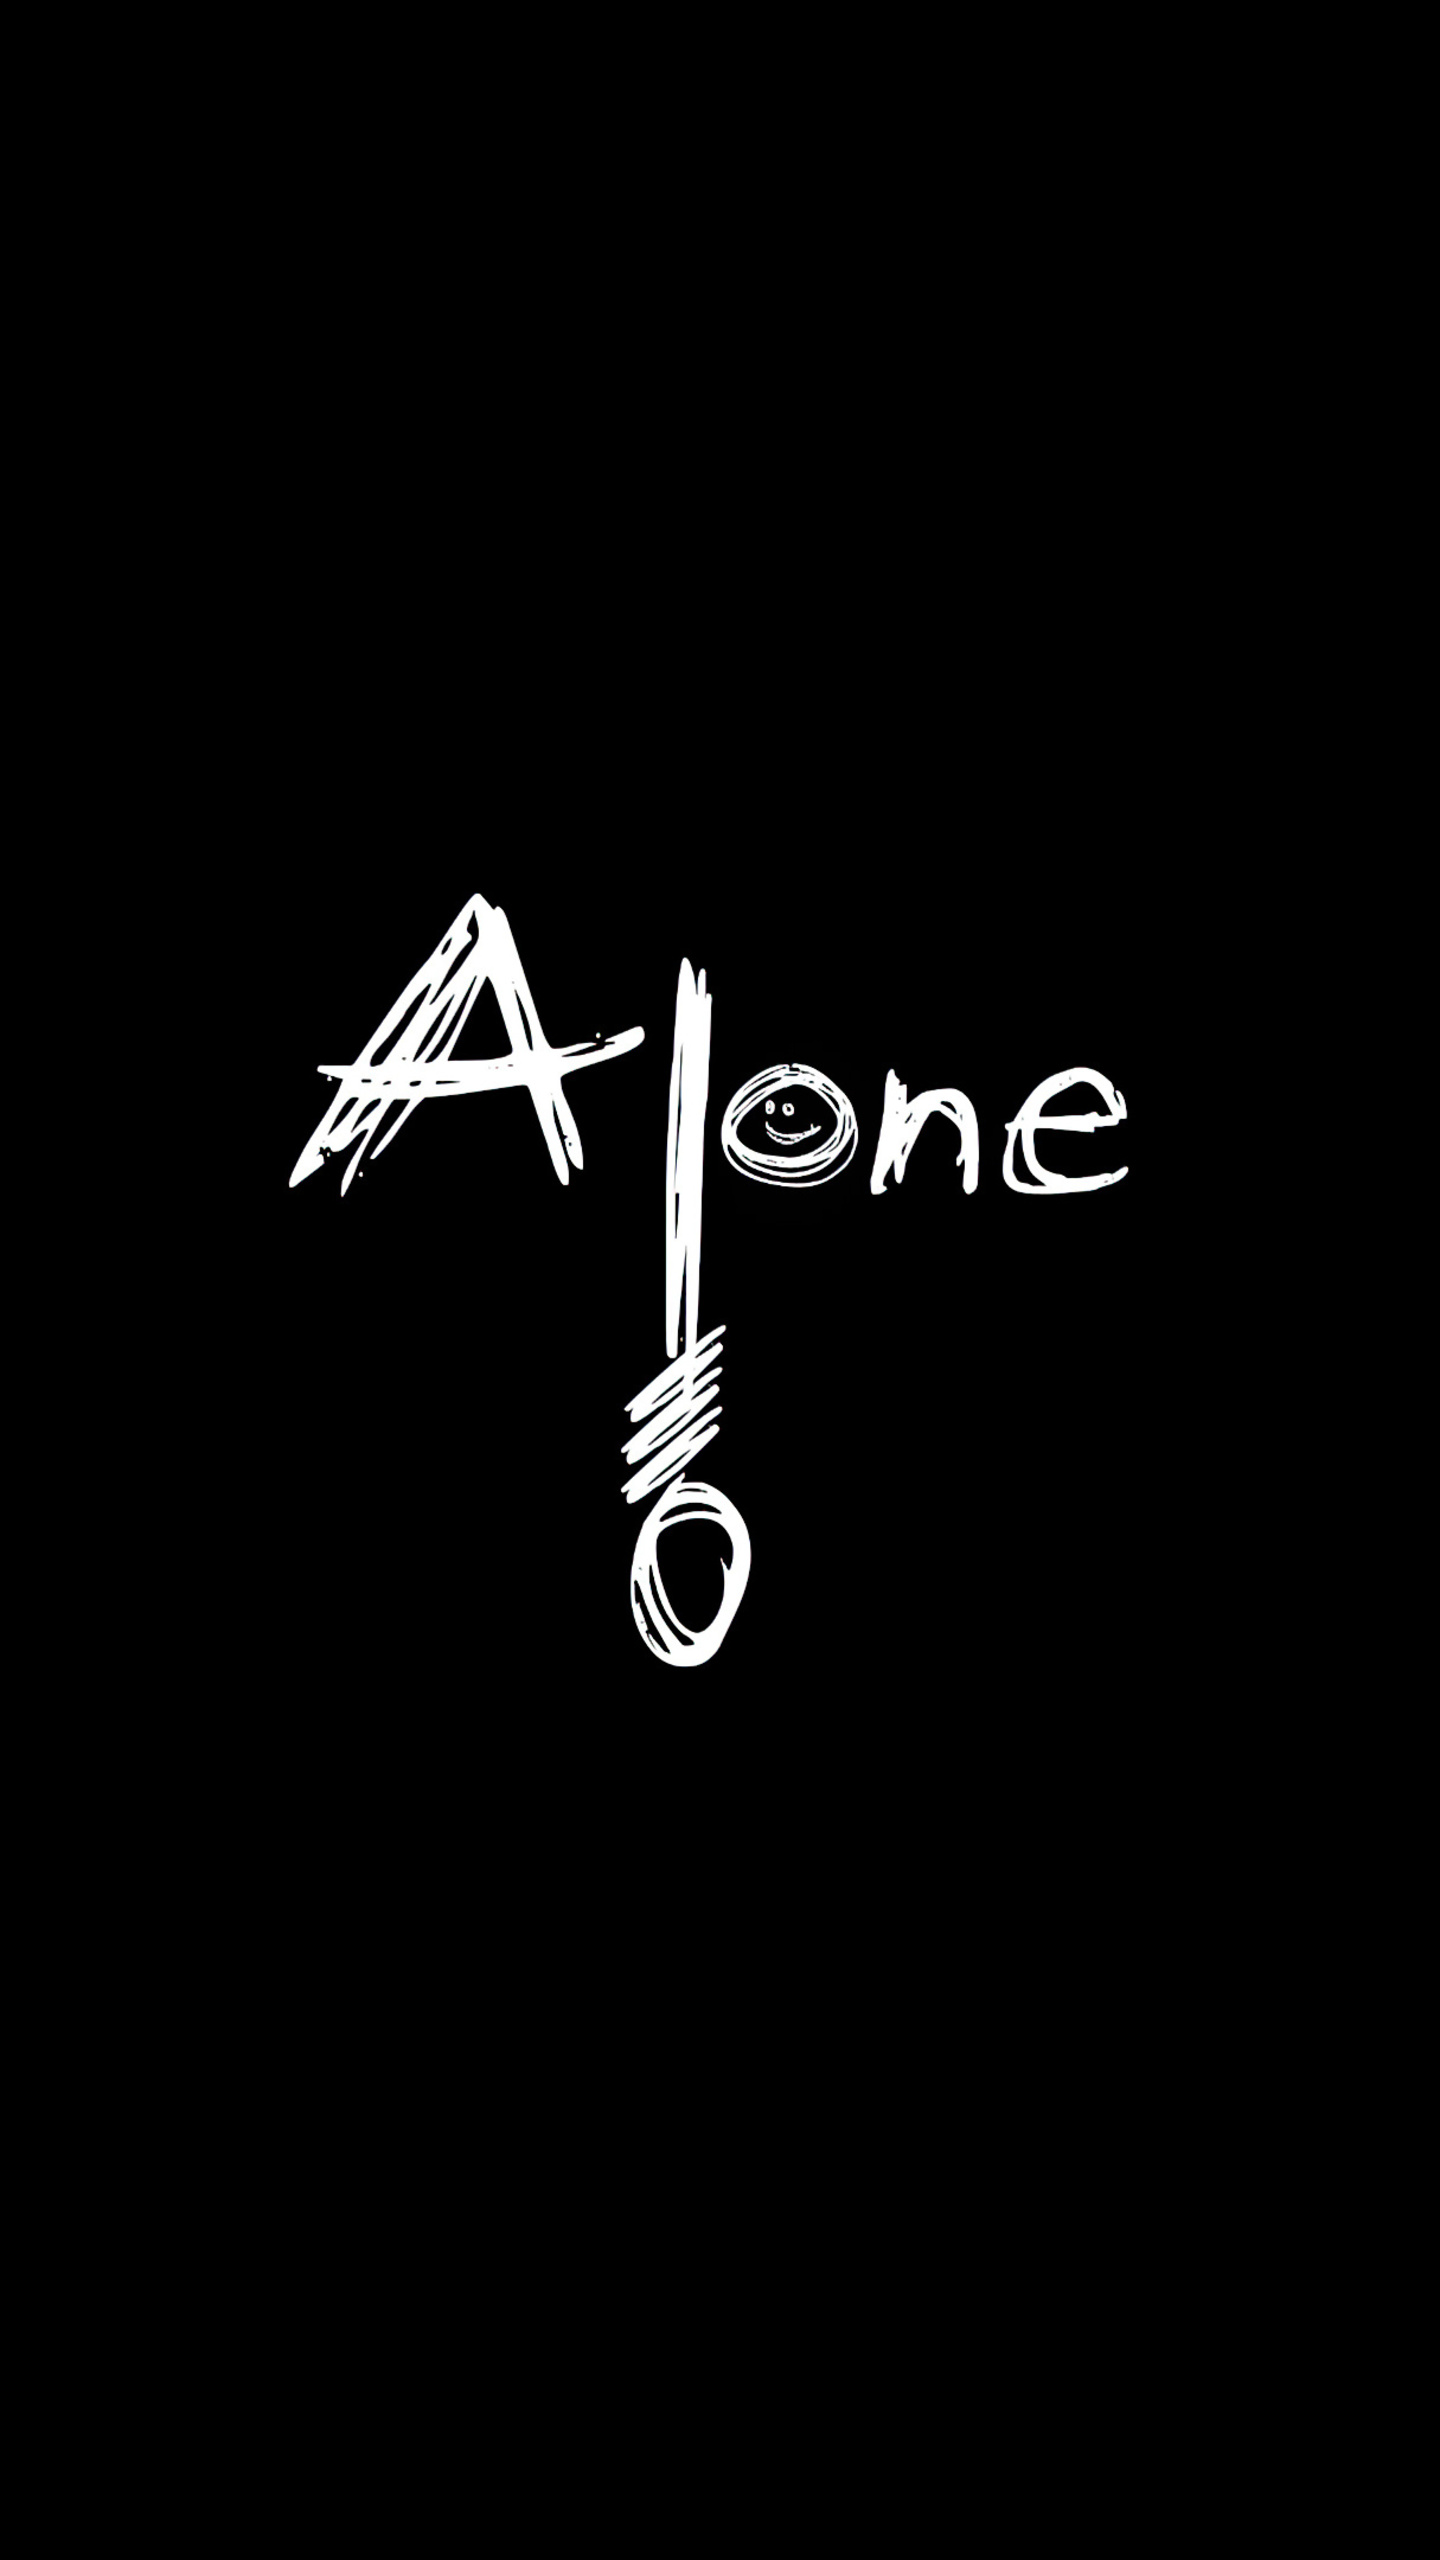 alone-dark-typography-4k-fu.jpg